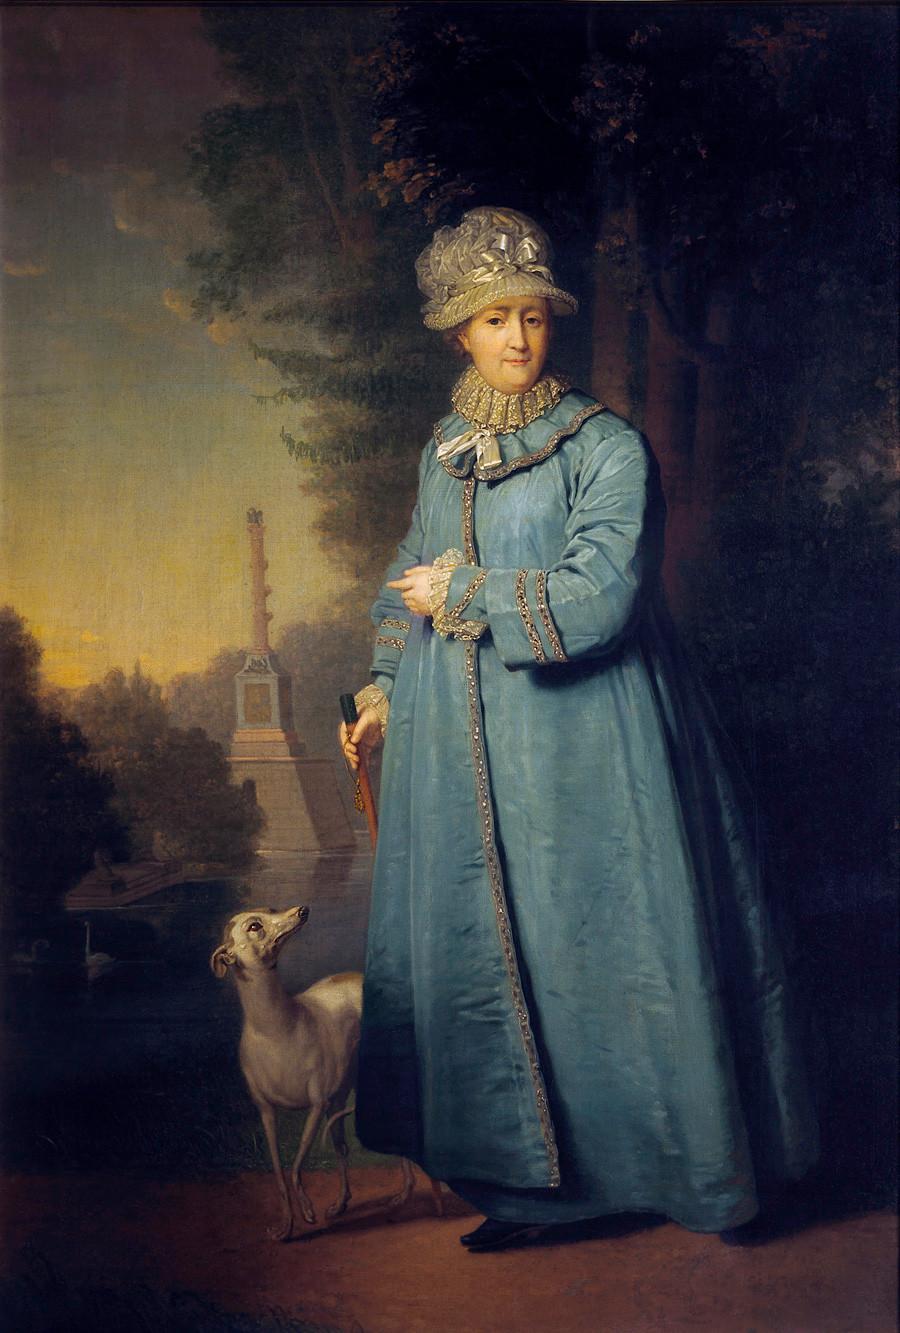 Vladimir Borovikovski: